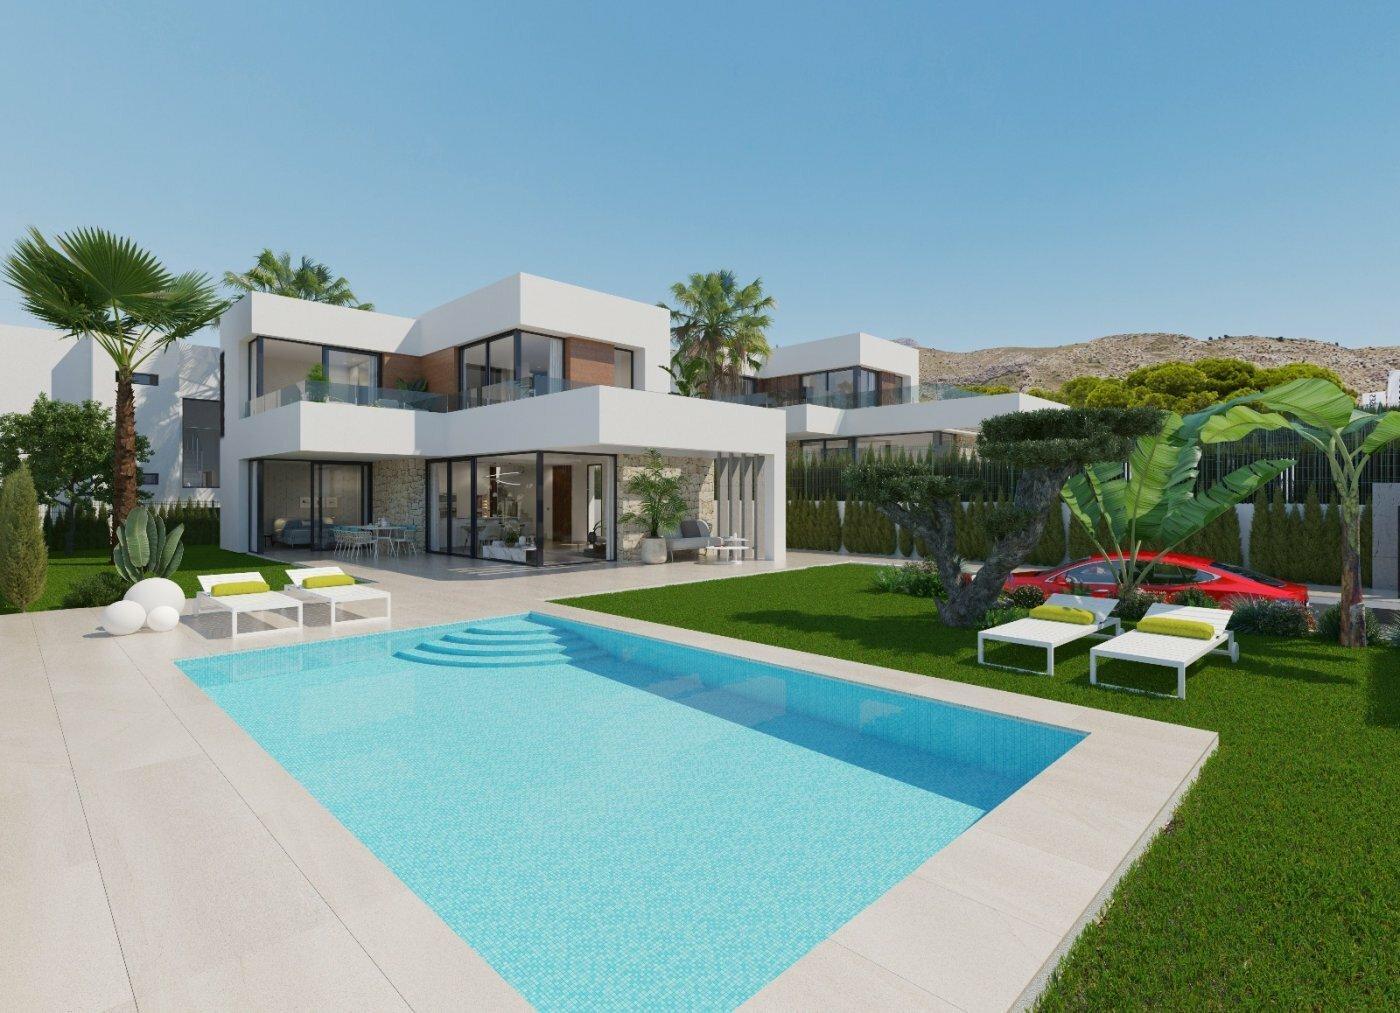 Villa in Finestrat, Valencian Community, Spain 1 - 11445479